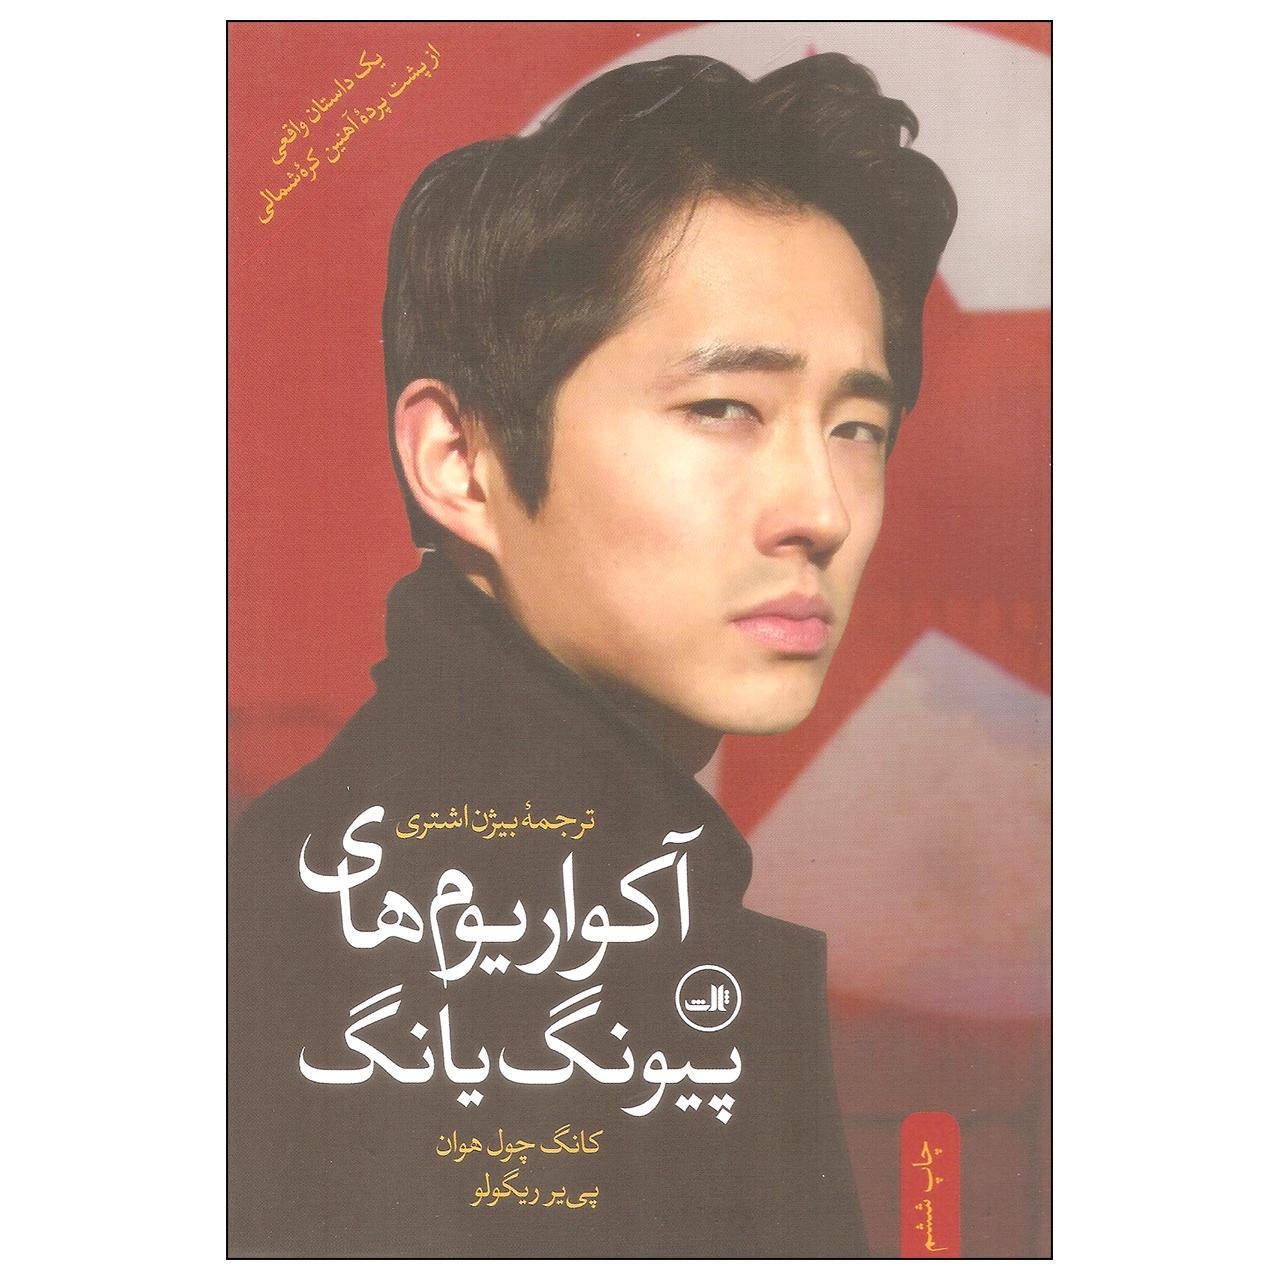 کتاب آکواریوم های پیونگ یانگ اثر کانگ چول هوان و پی یر ریگولو نشر ثالث